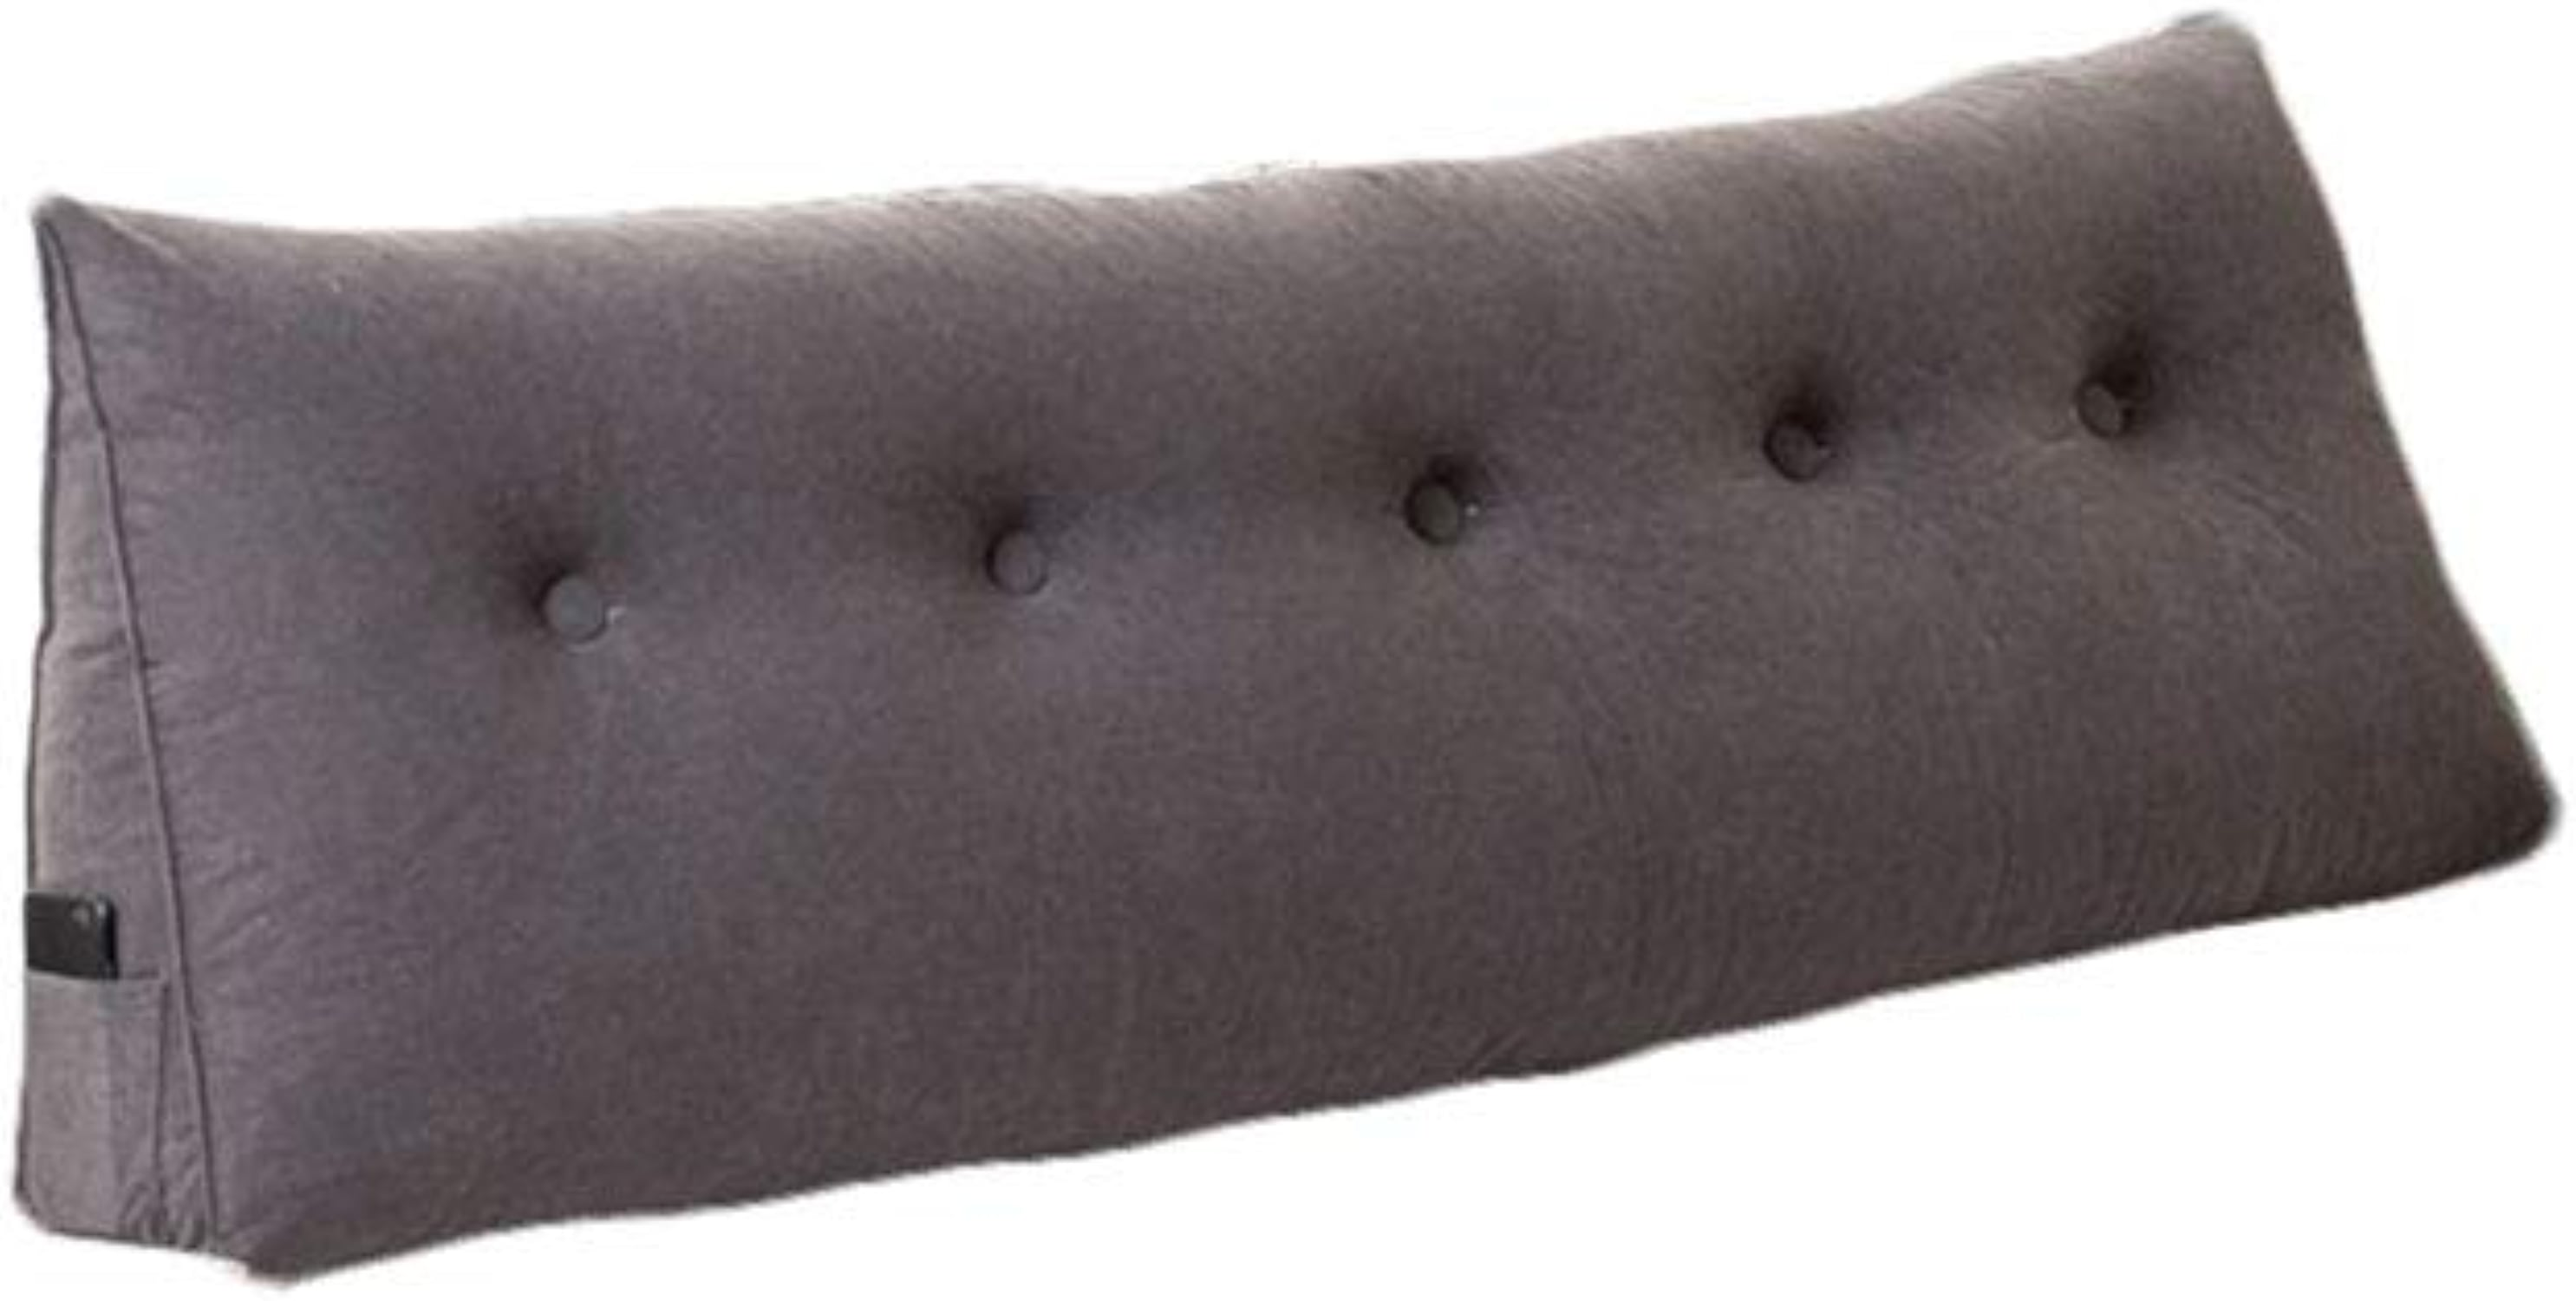 SACYSAC Coussin de tête de lit Triangle Pad canapé Taille Grand arrière Tatami Oreiller,argent,150  20  50cm